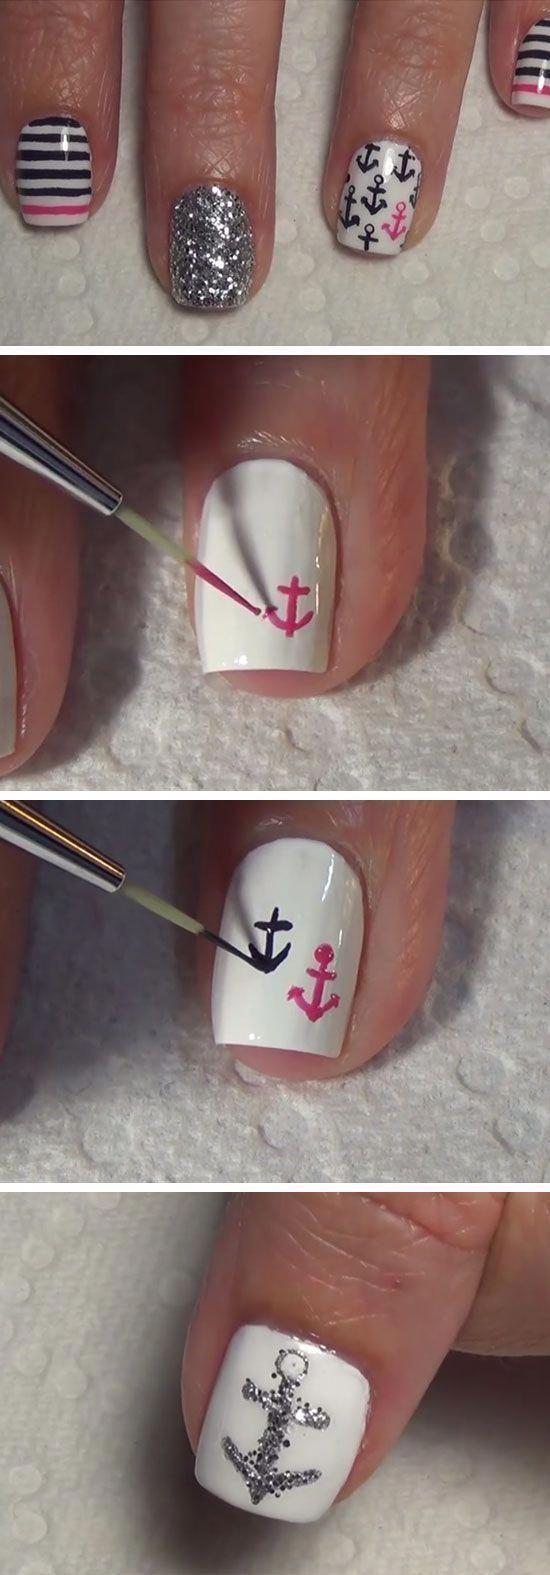 Wow love these schlicht acrylic nails! #schlichtacrylicnails